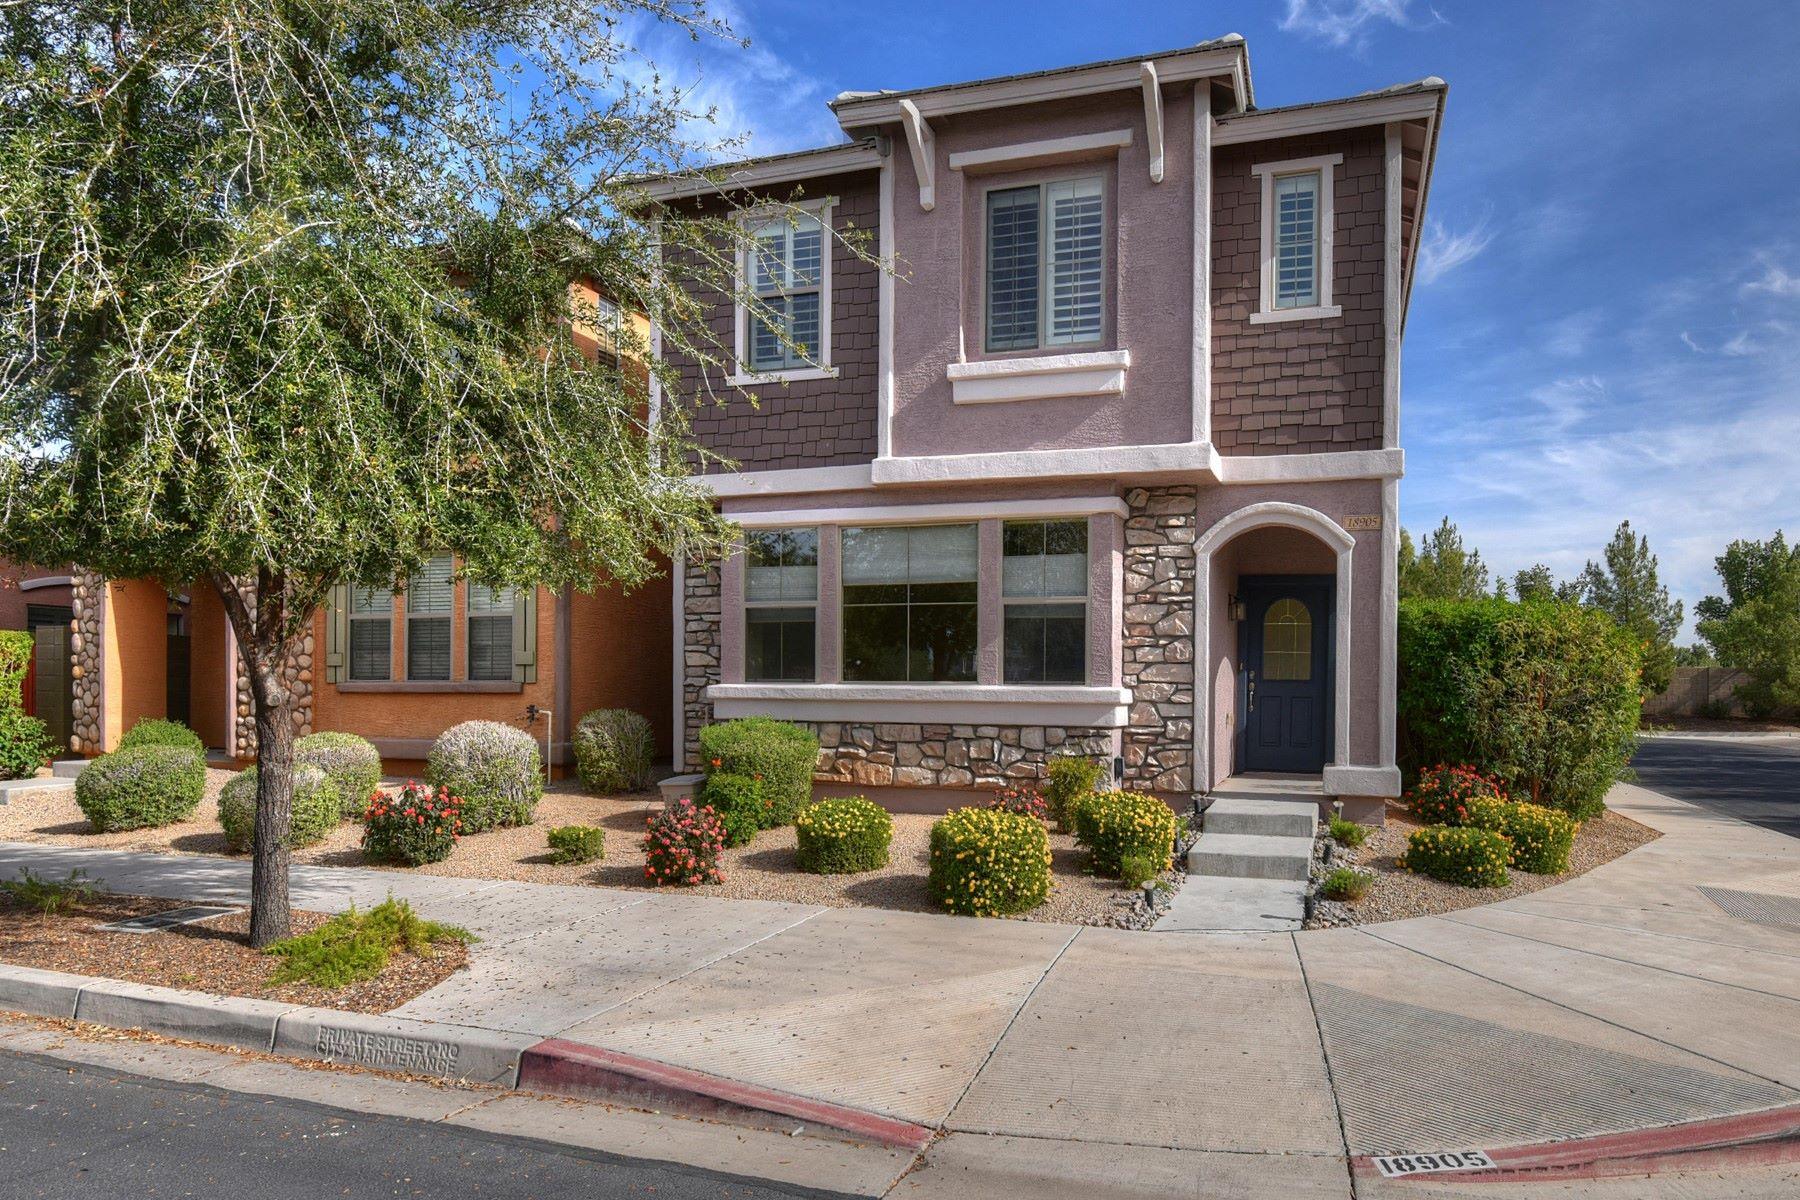 واحد منزل الأسرة للـ Rent في Delightfully Updated Rental in Tatum Village 18905 N 44th St, Phoenix, Arizona, 85050 United States